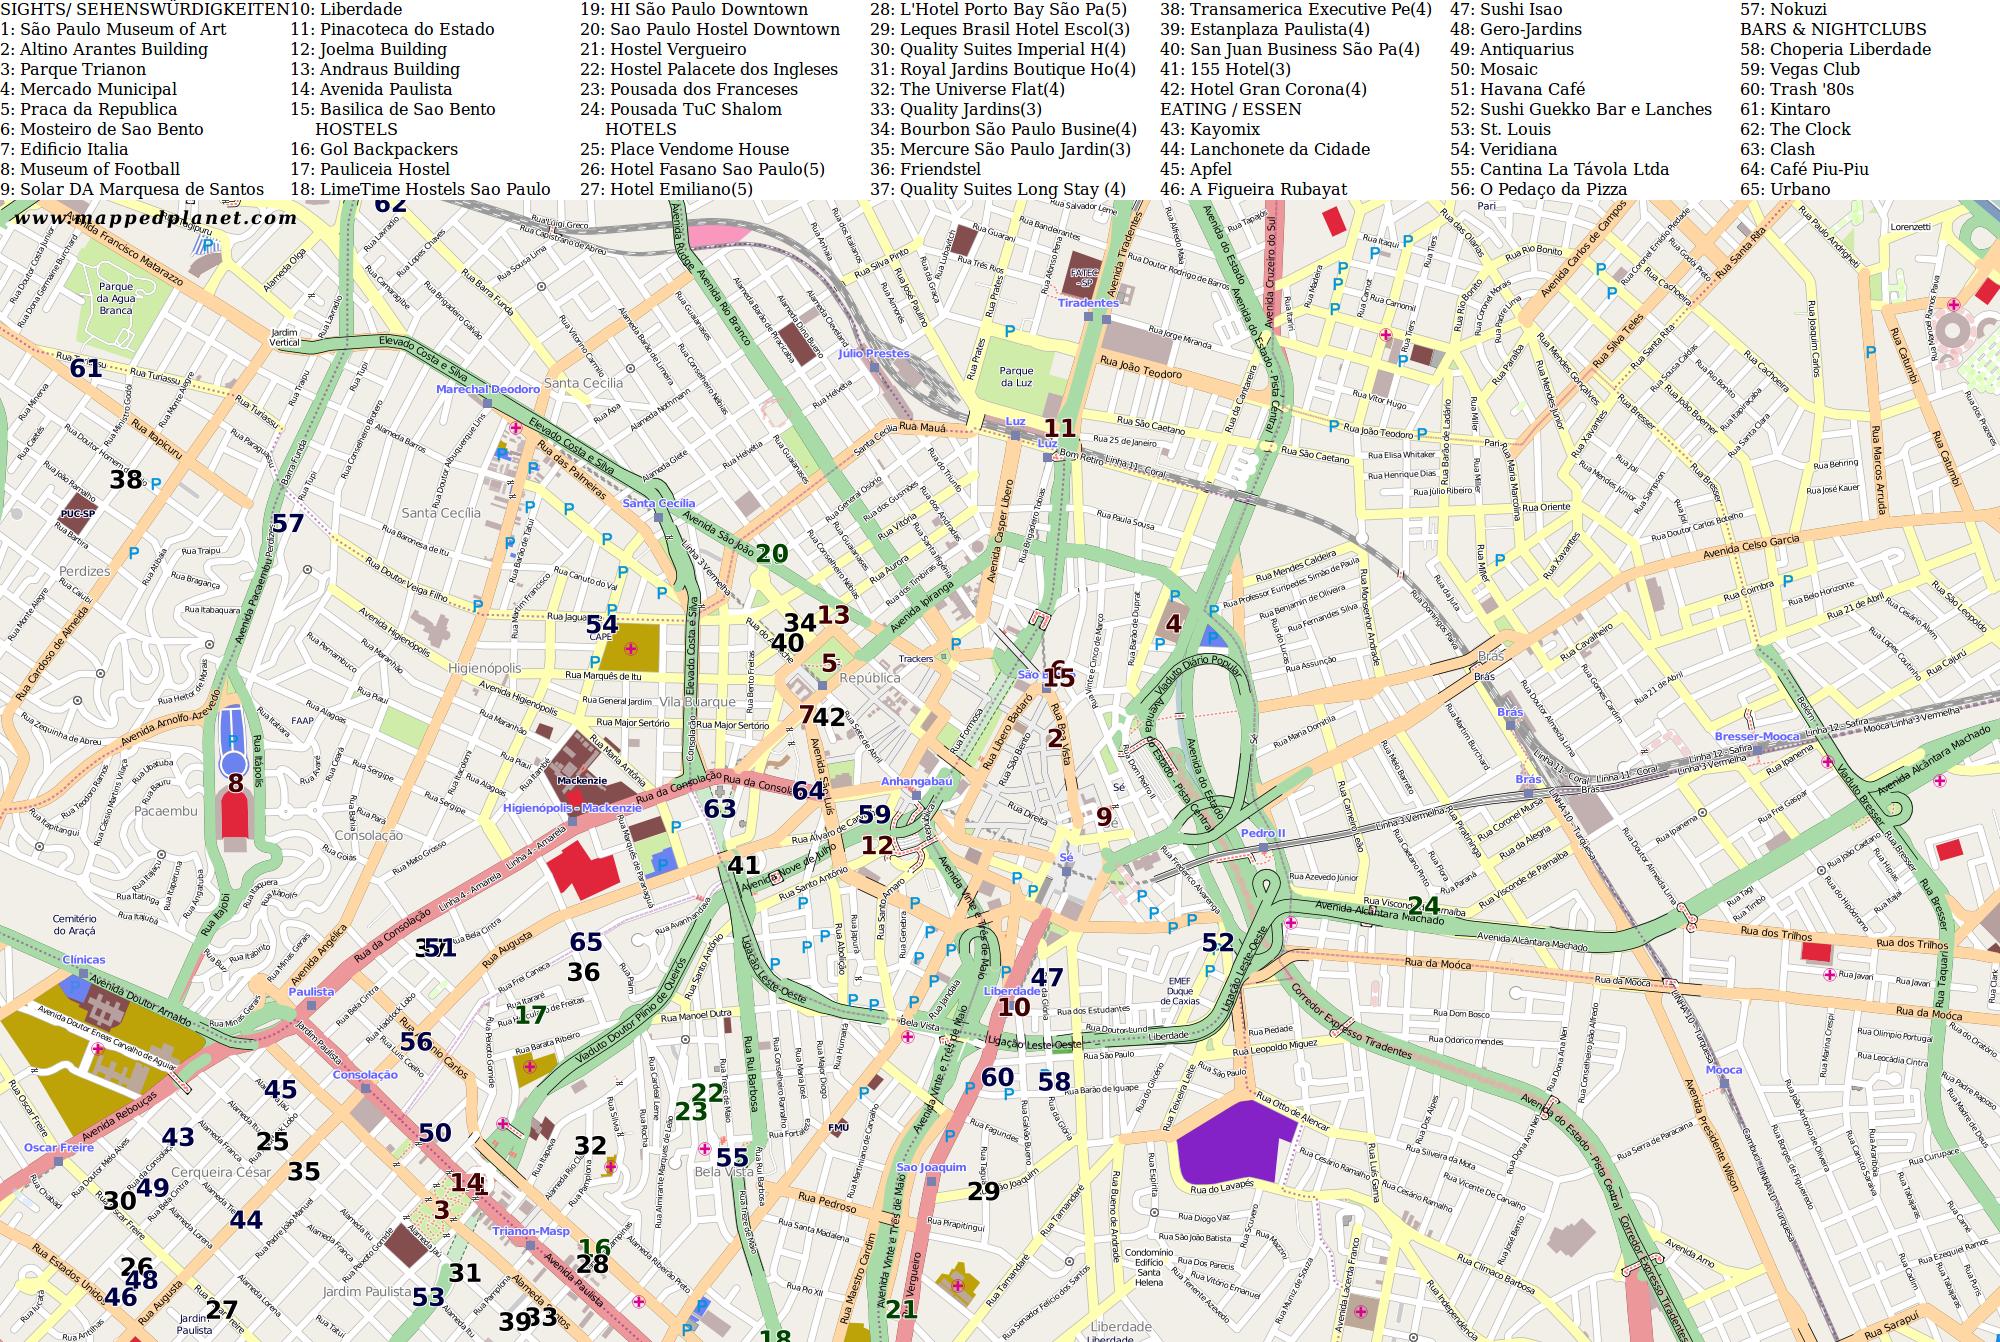 City Maps São Paulo - Map of sao paulo